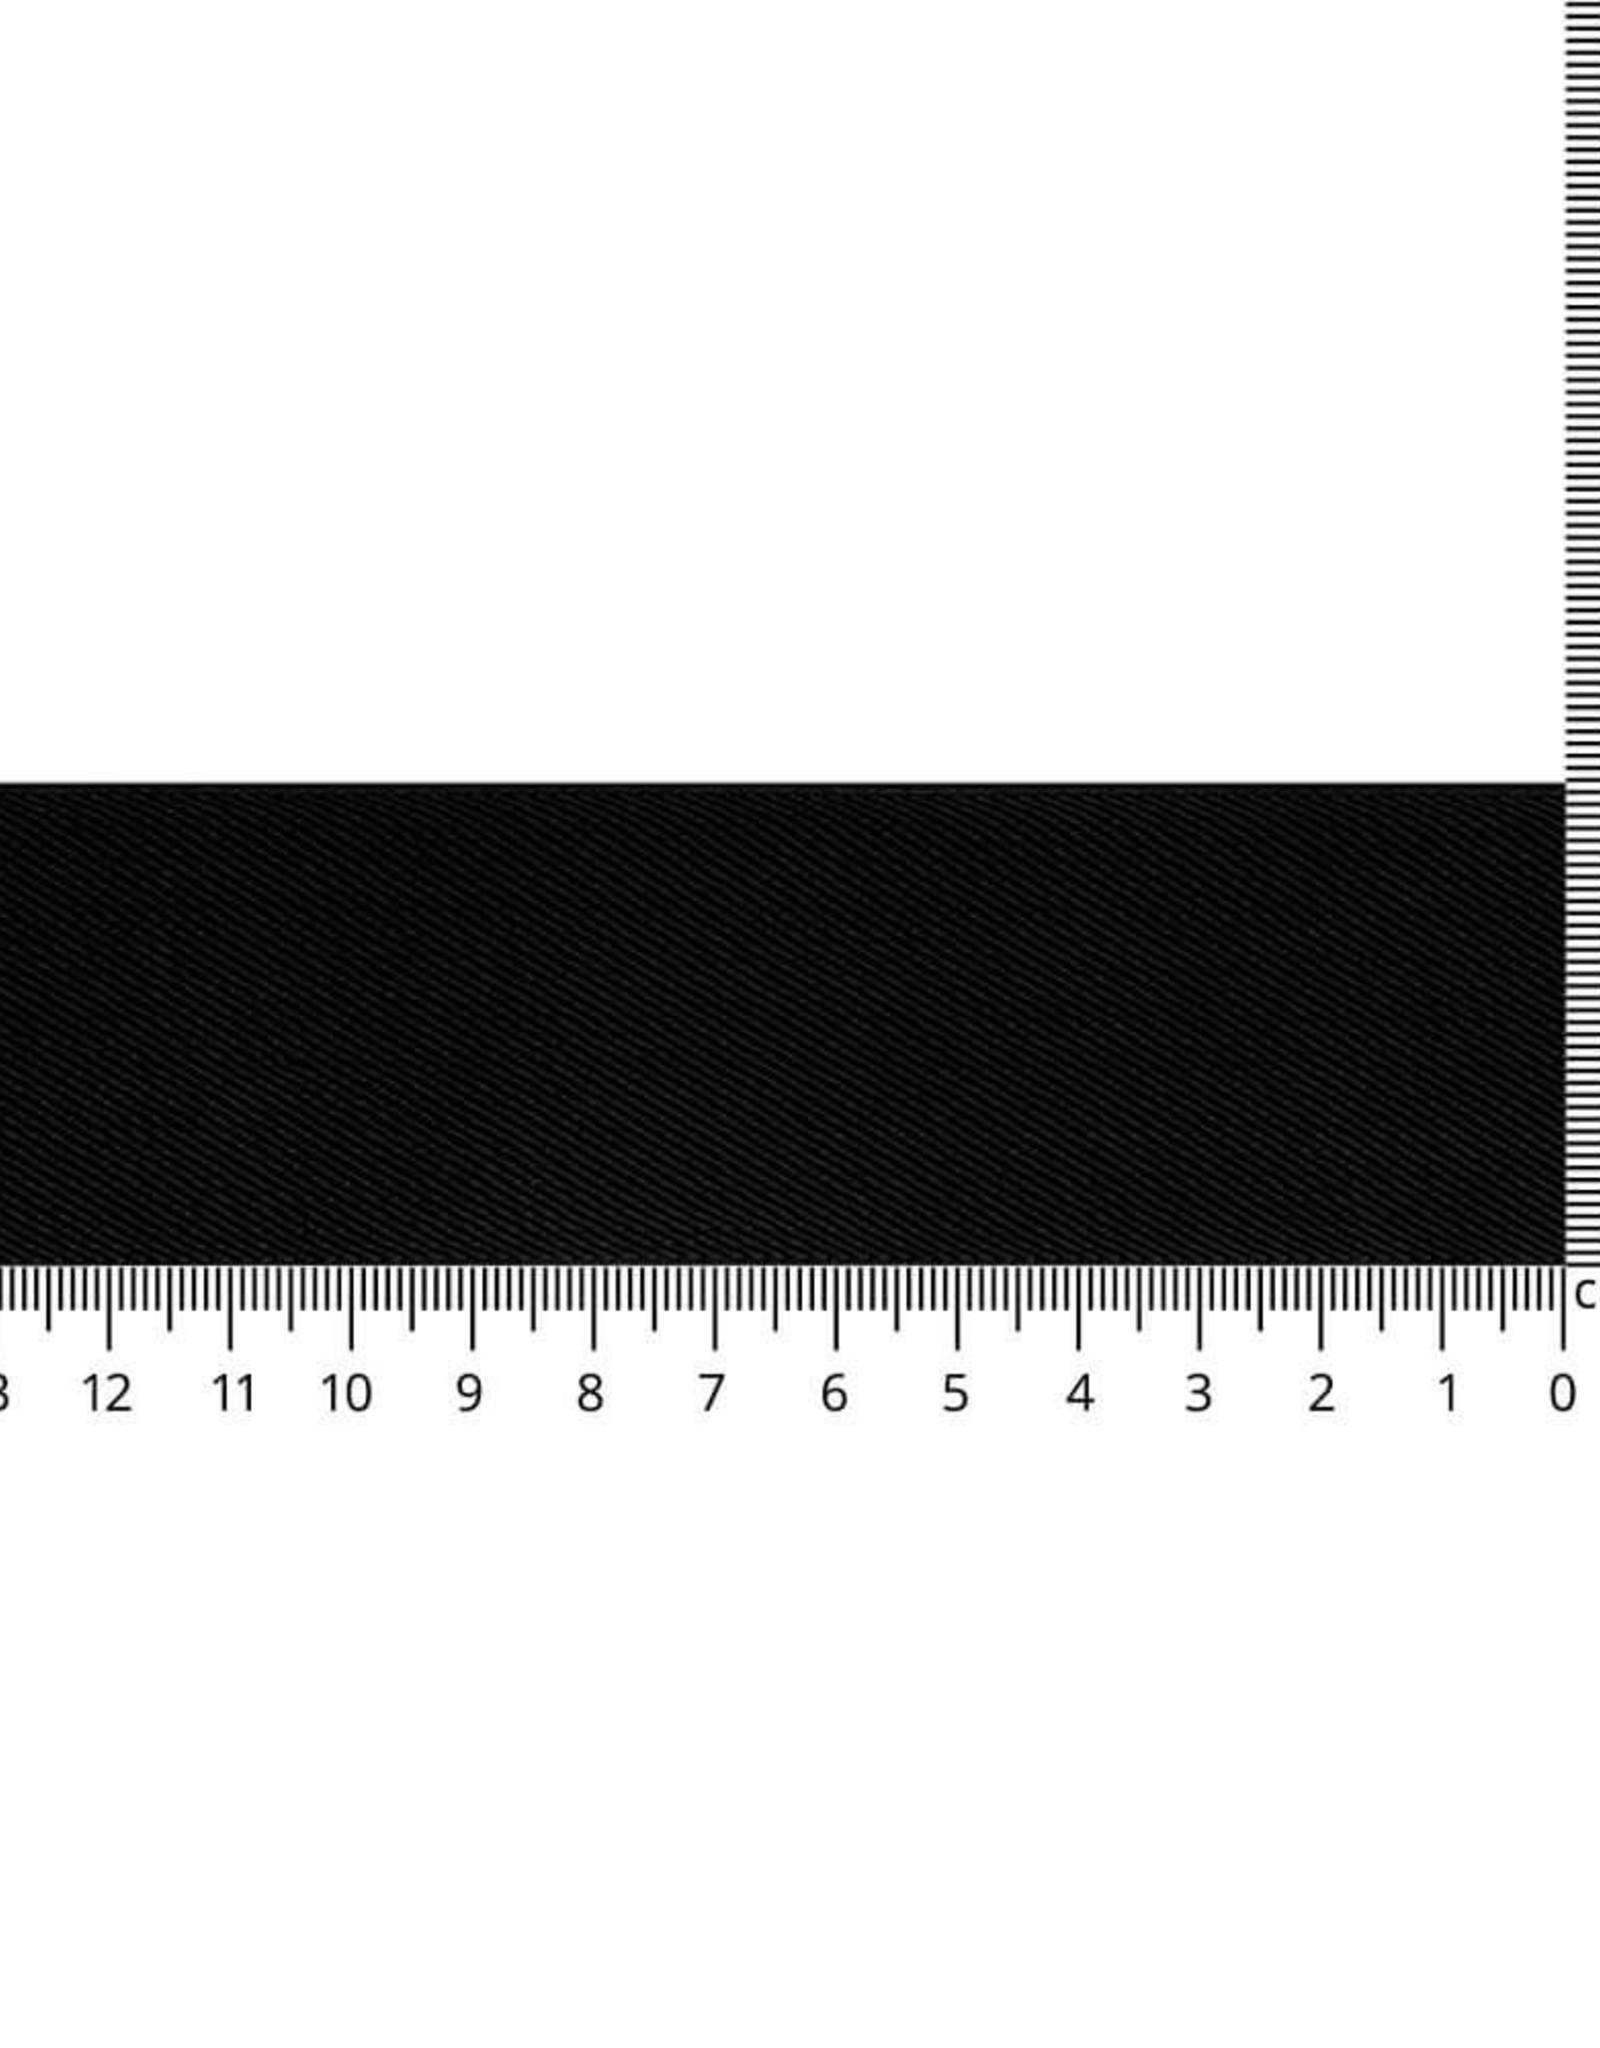 Elastiek schuin geweven zwart 40mm